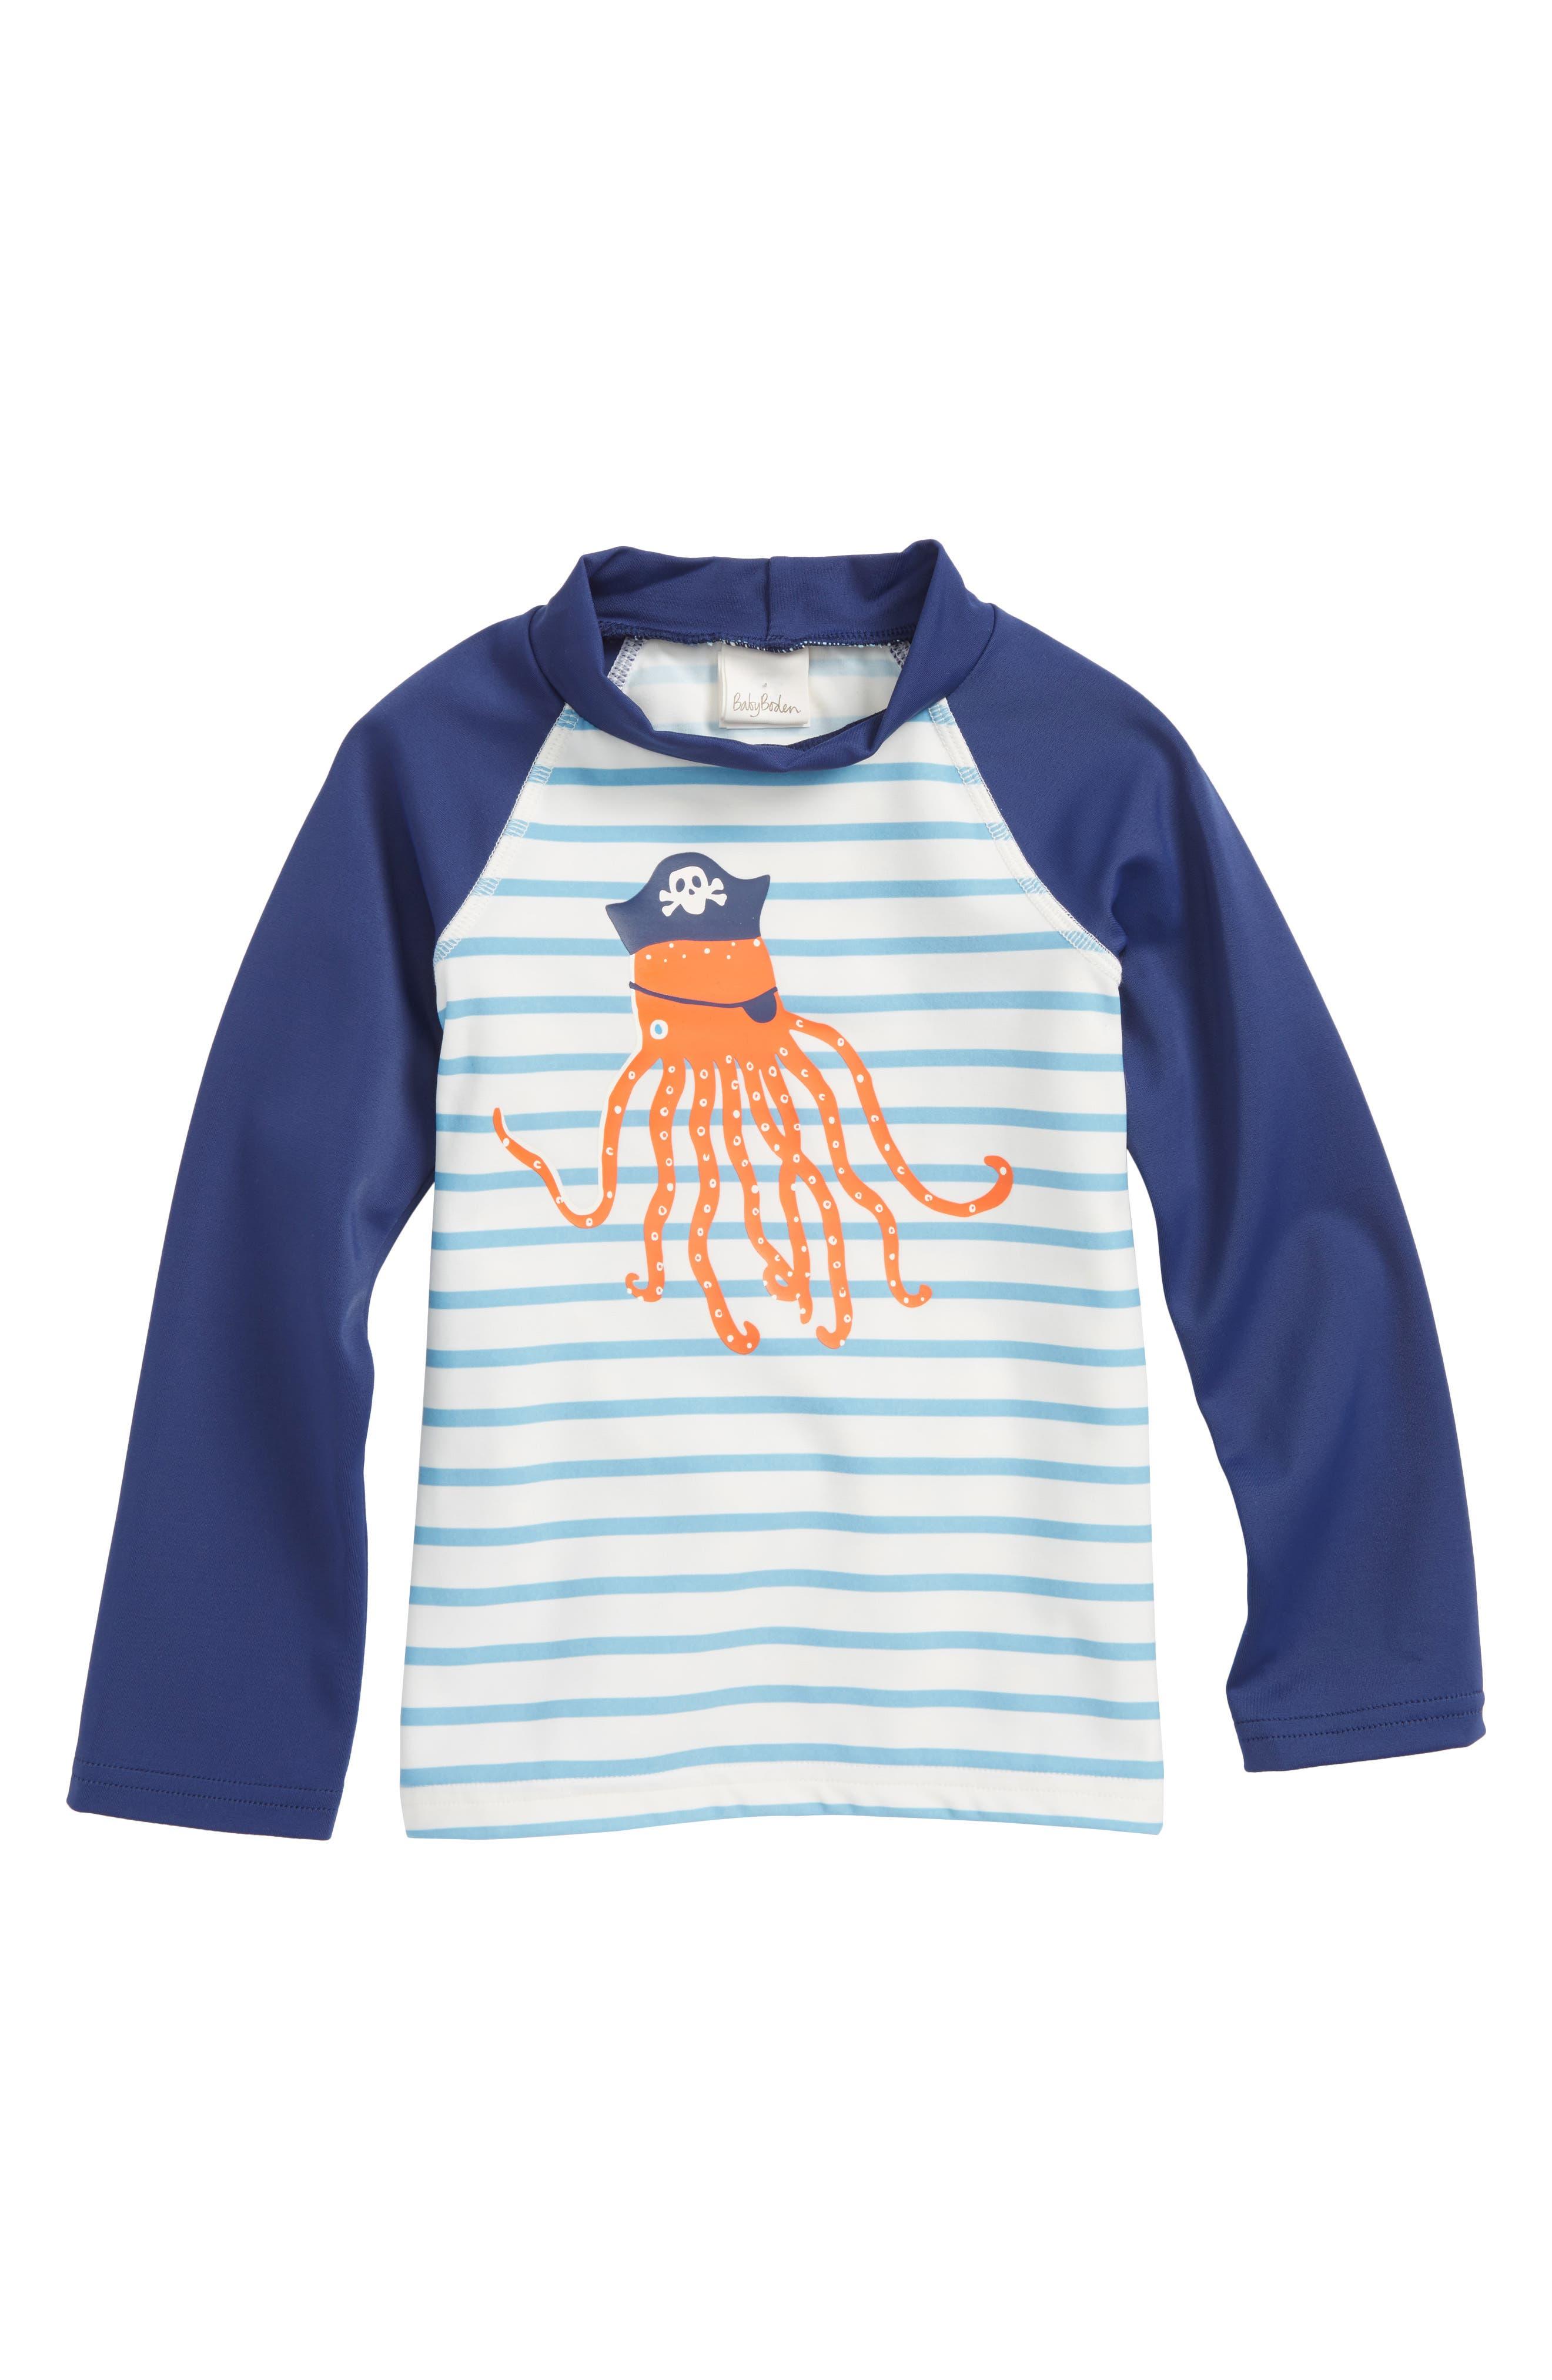 Sea Creature Rashguard,                             Main thumbnail 1, color,                             Ivory/ Grotto Blue